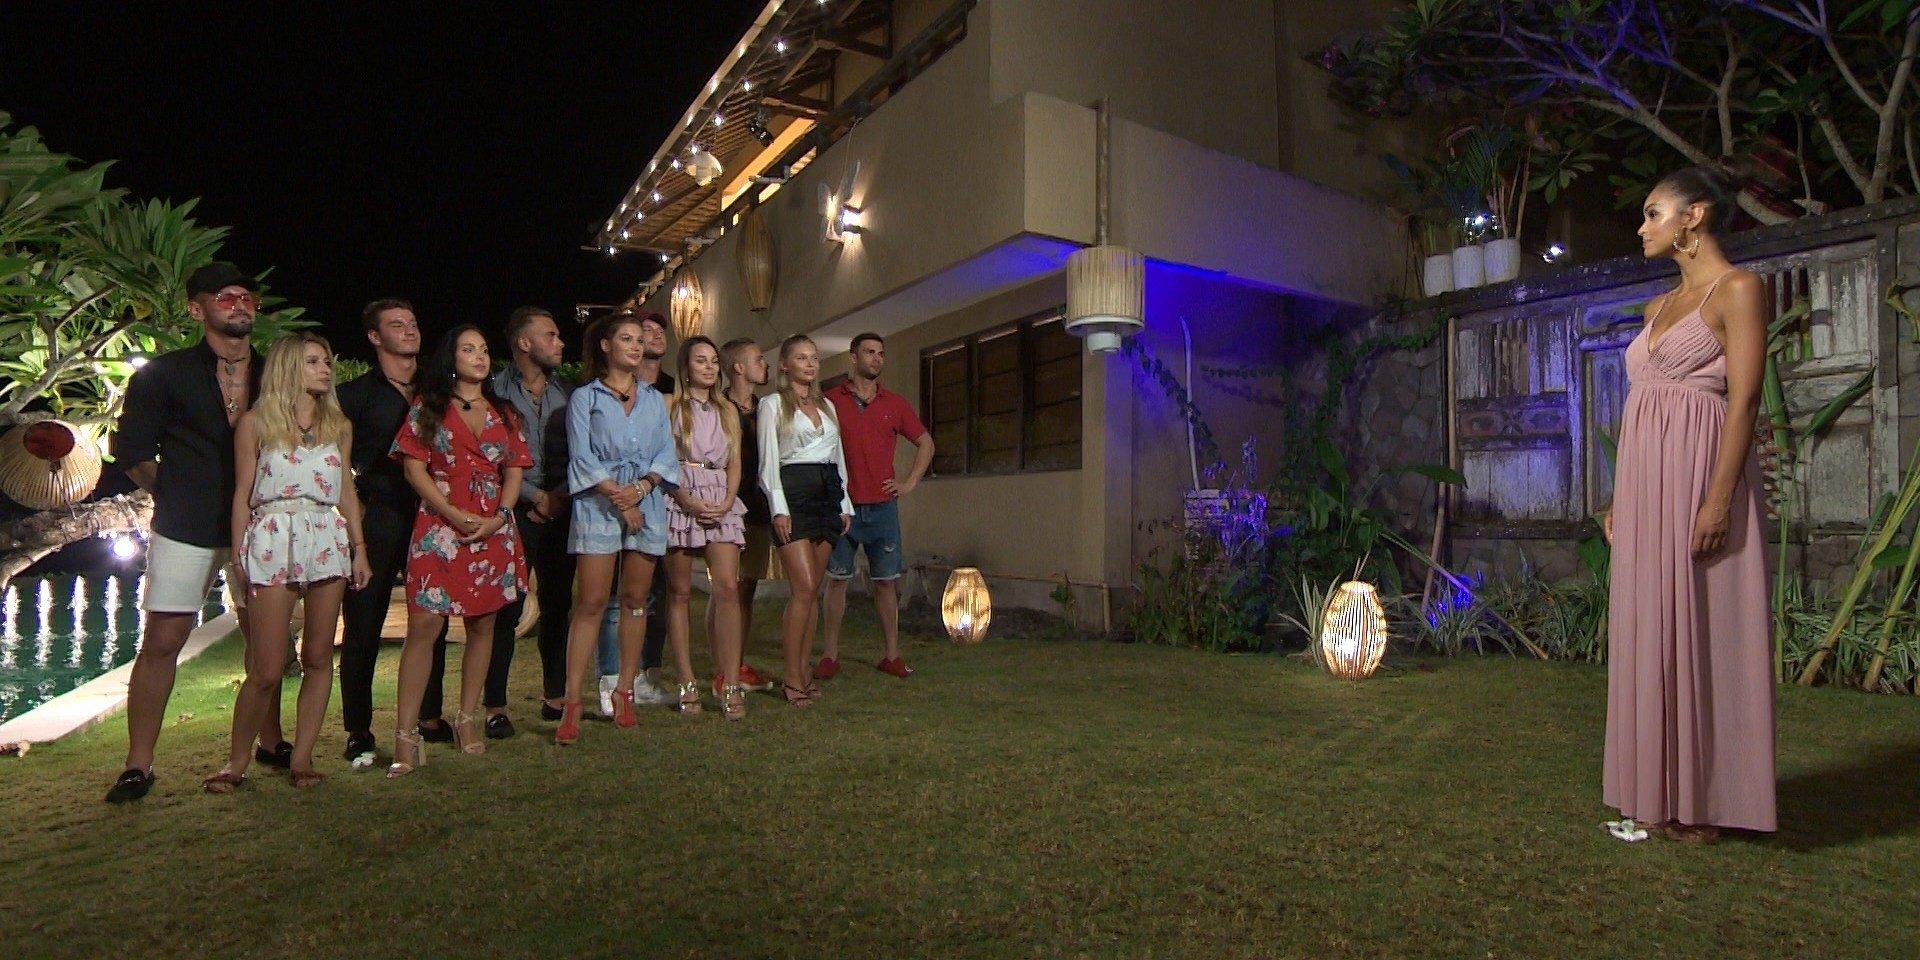 Hotel Paradise - nikomu nie można ufać! (zapowiedź odcinka 22)